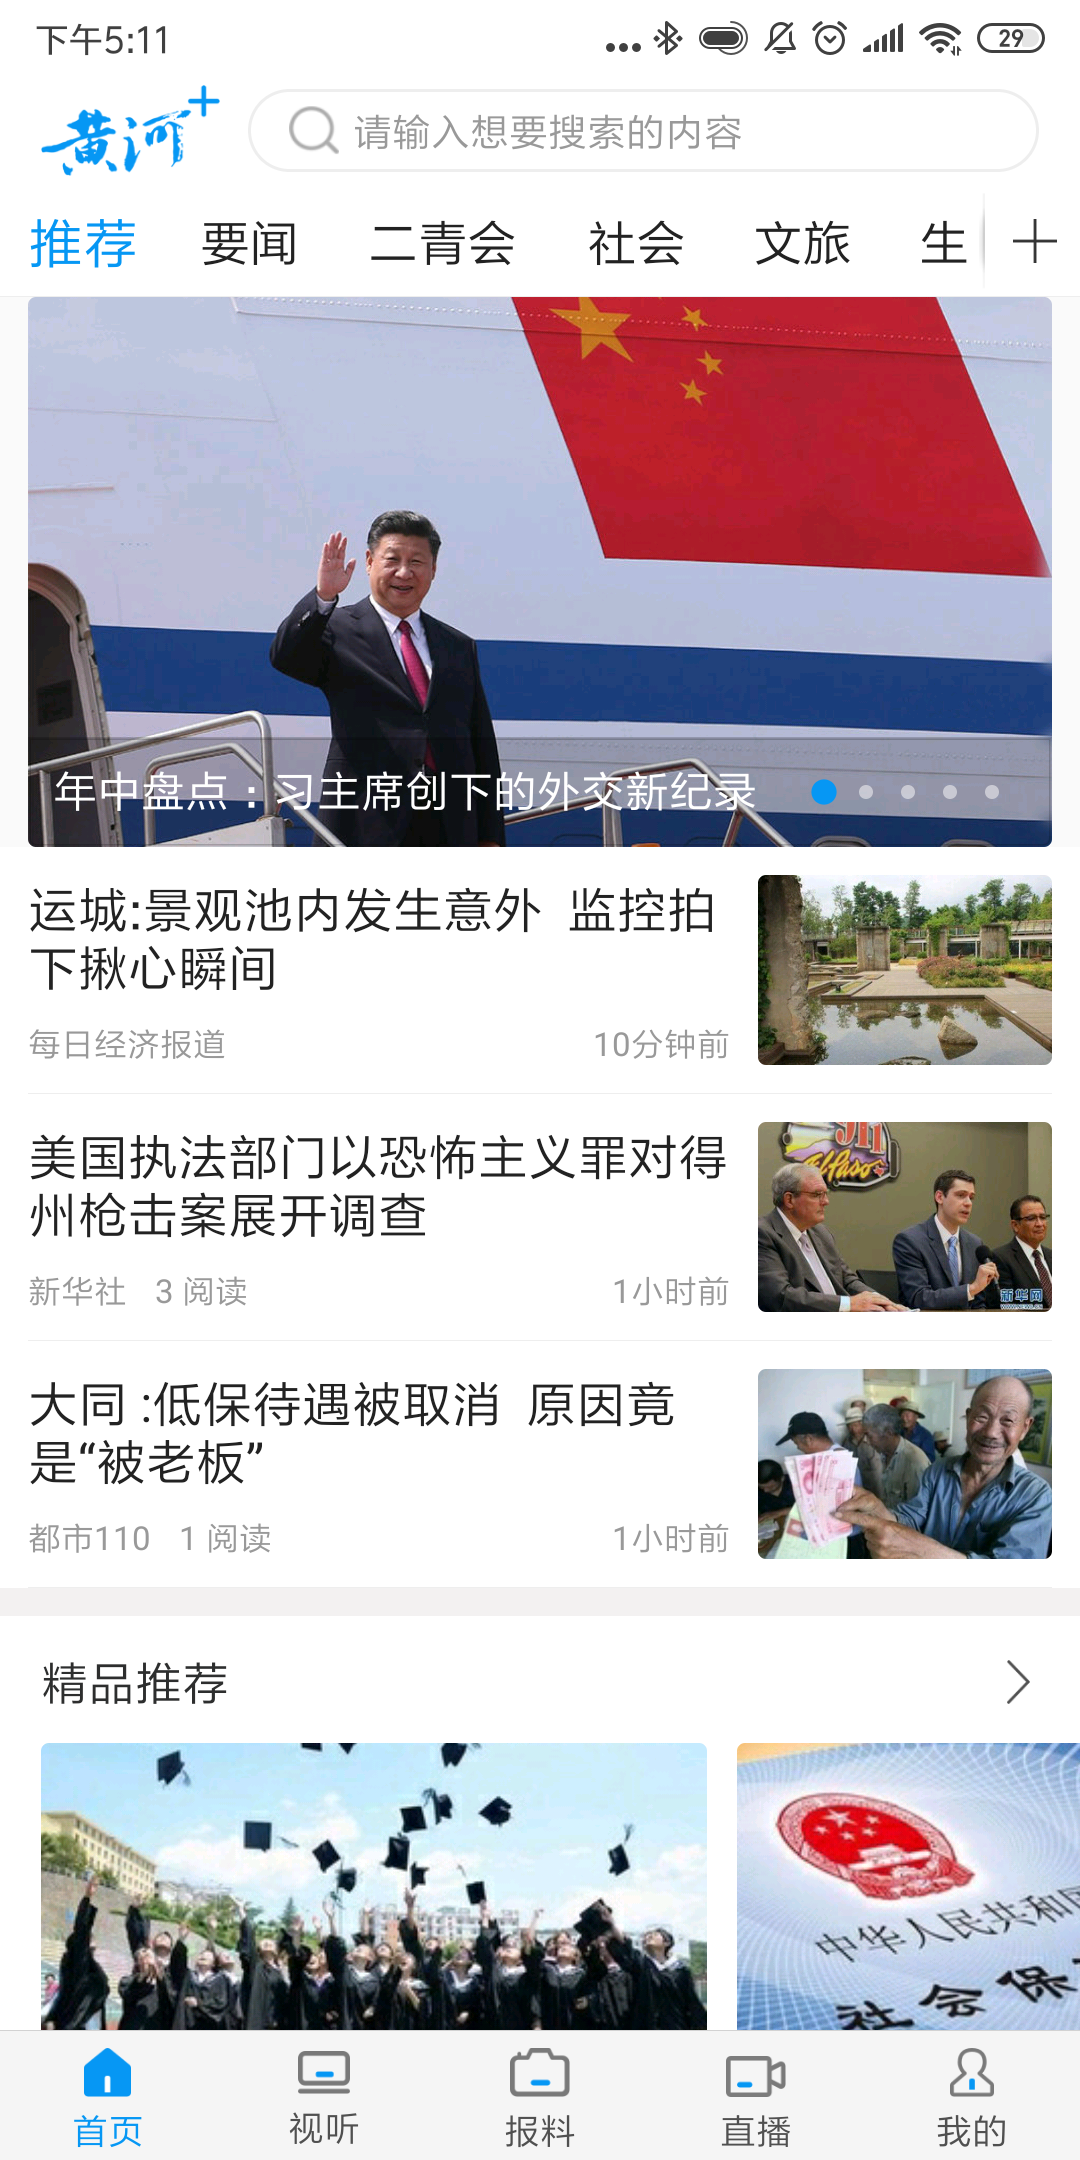 黄河Plus手机版下载(暂未上线)